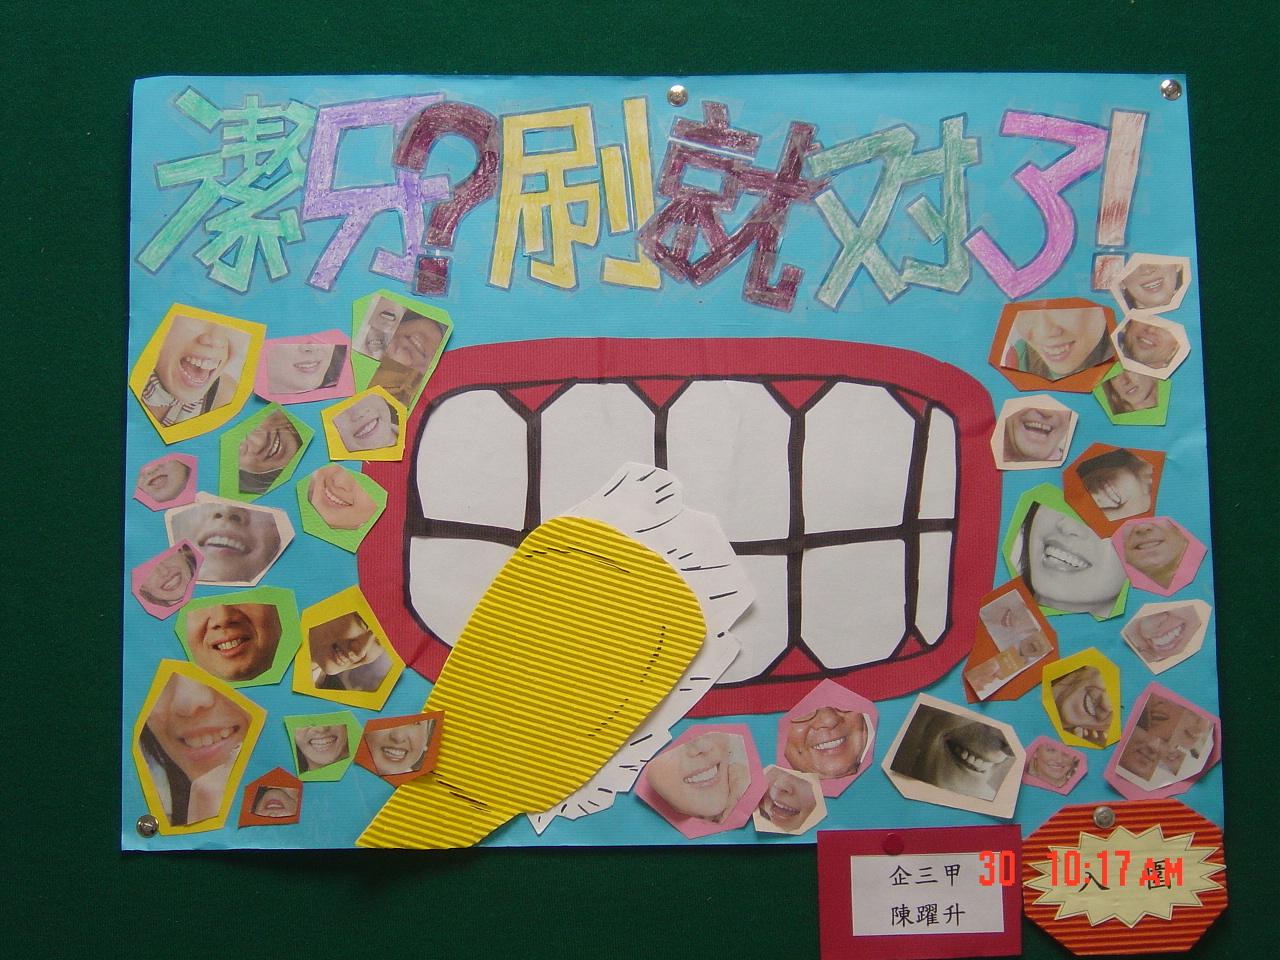 口腔卫生海报设计比赛